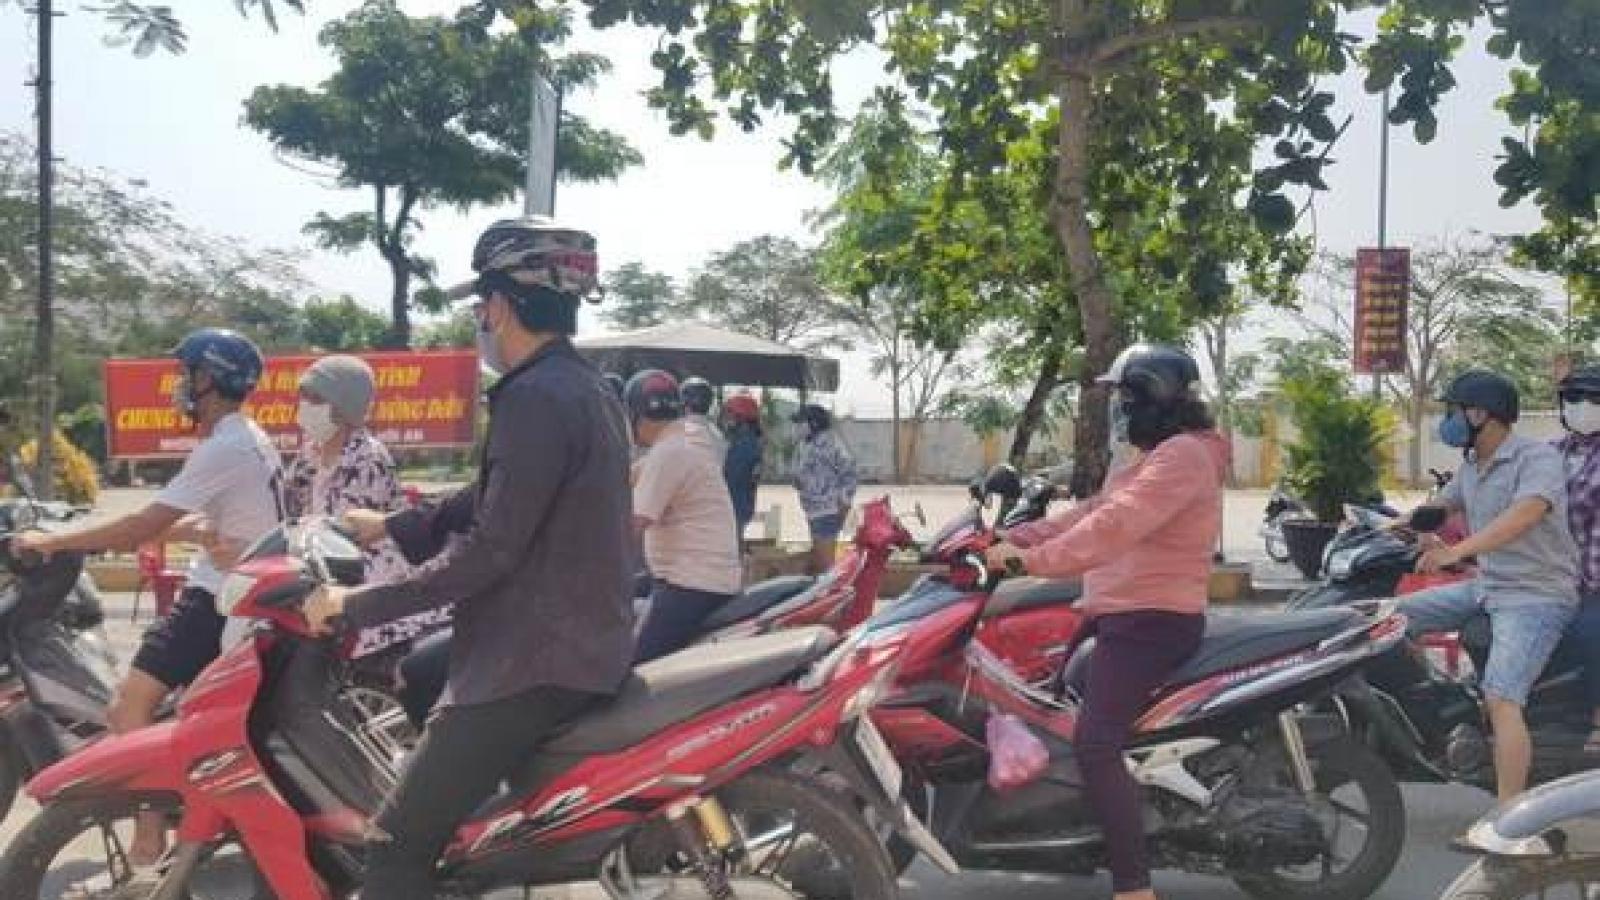 Quảng Nam mở cửa trở lại quán cà phê, nhà hàng, quán ăn